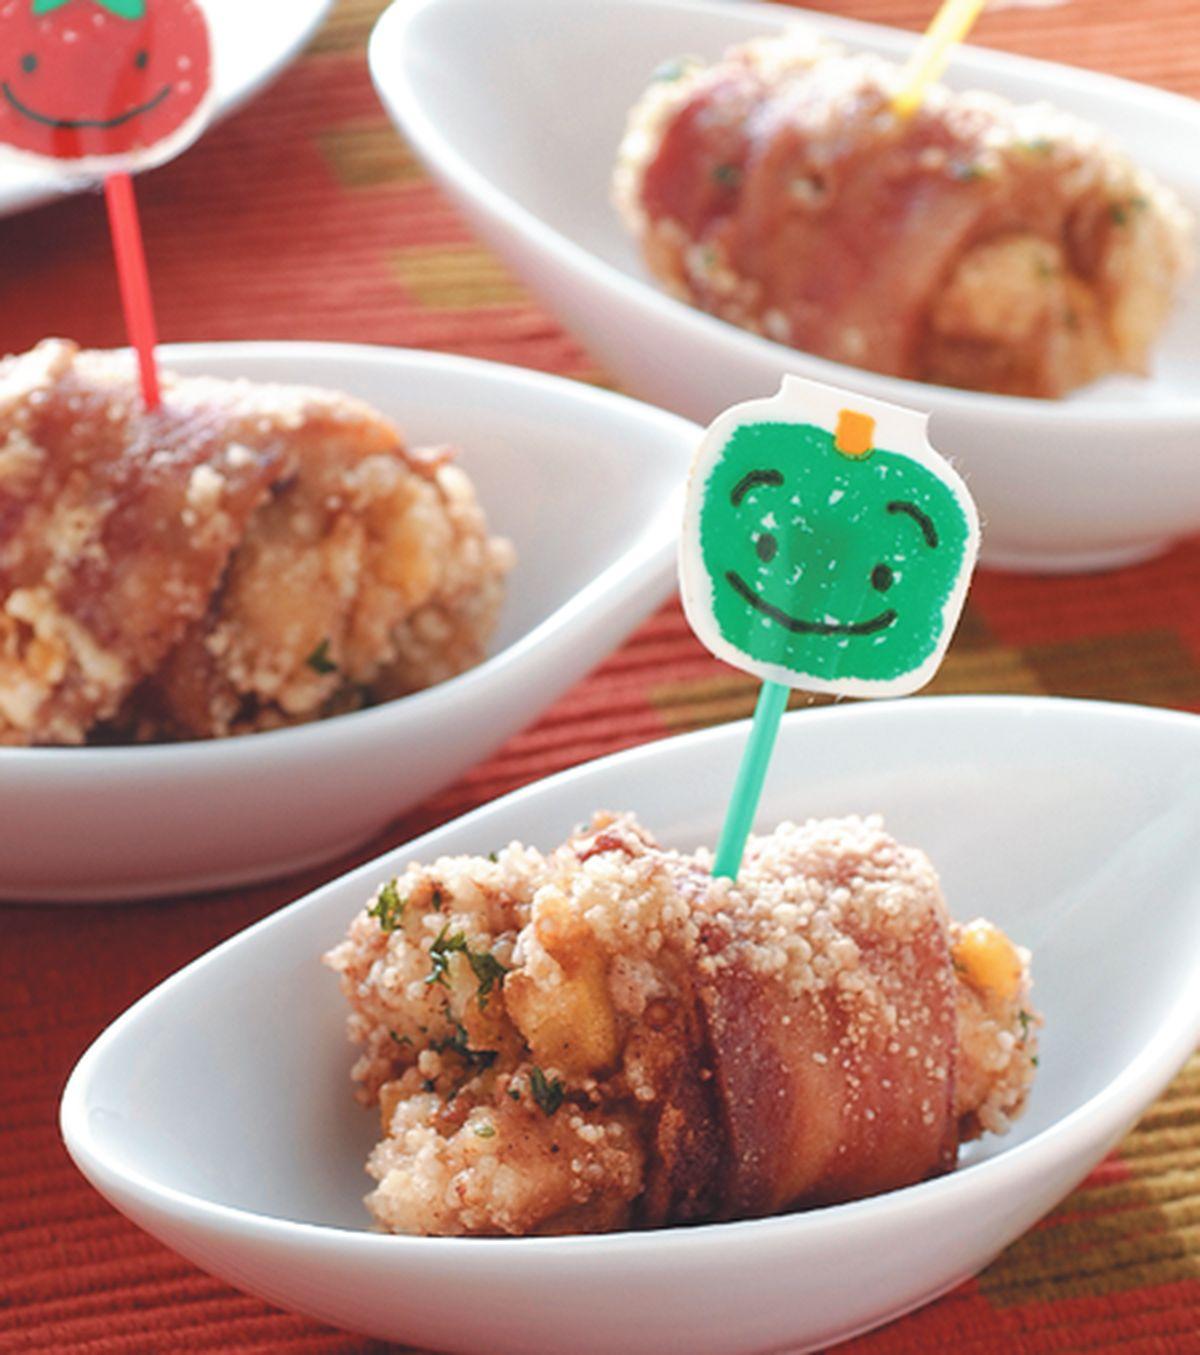 食譜:培根玉米炸雞塊